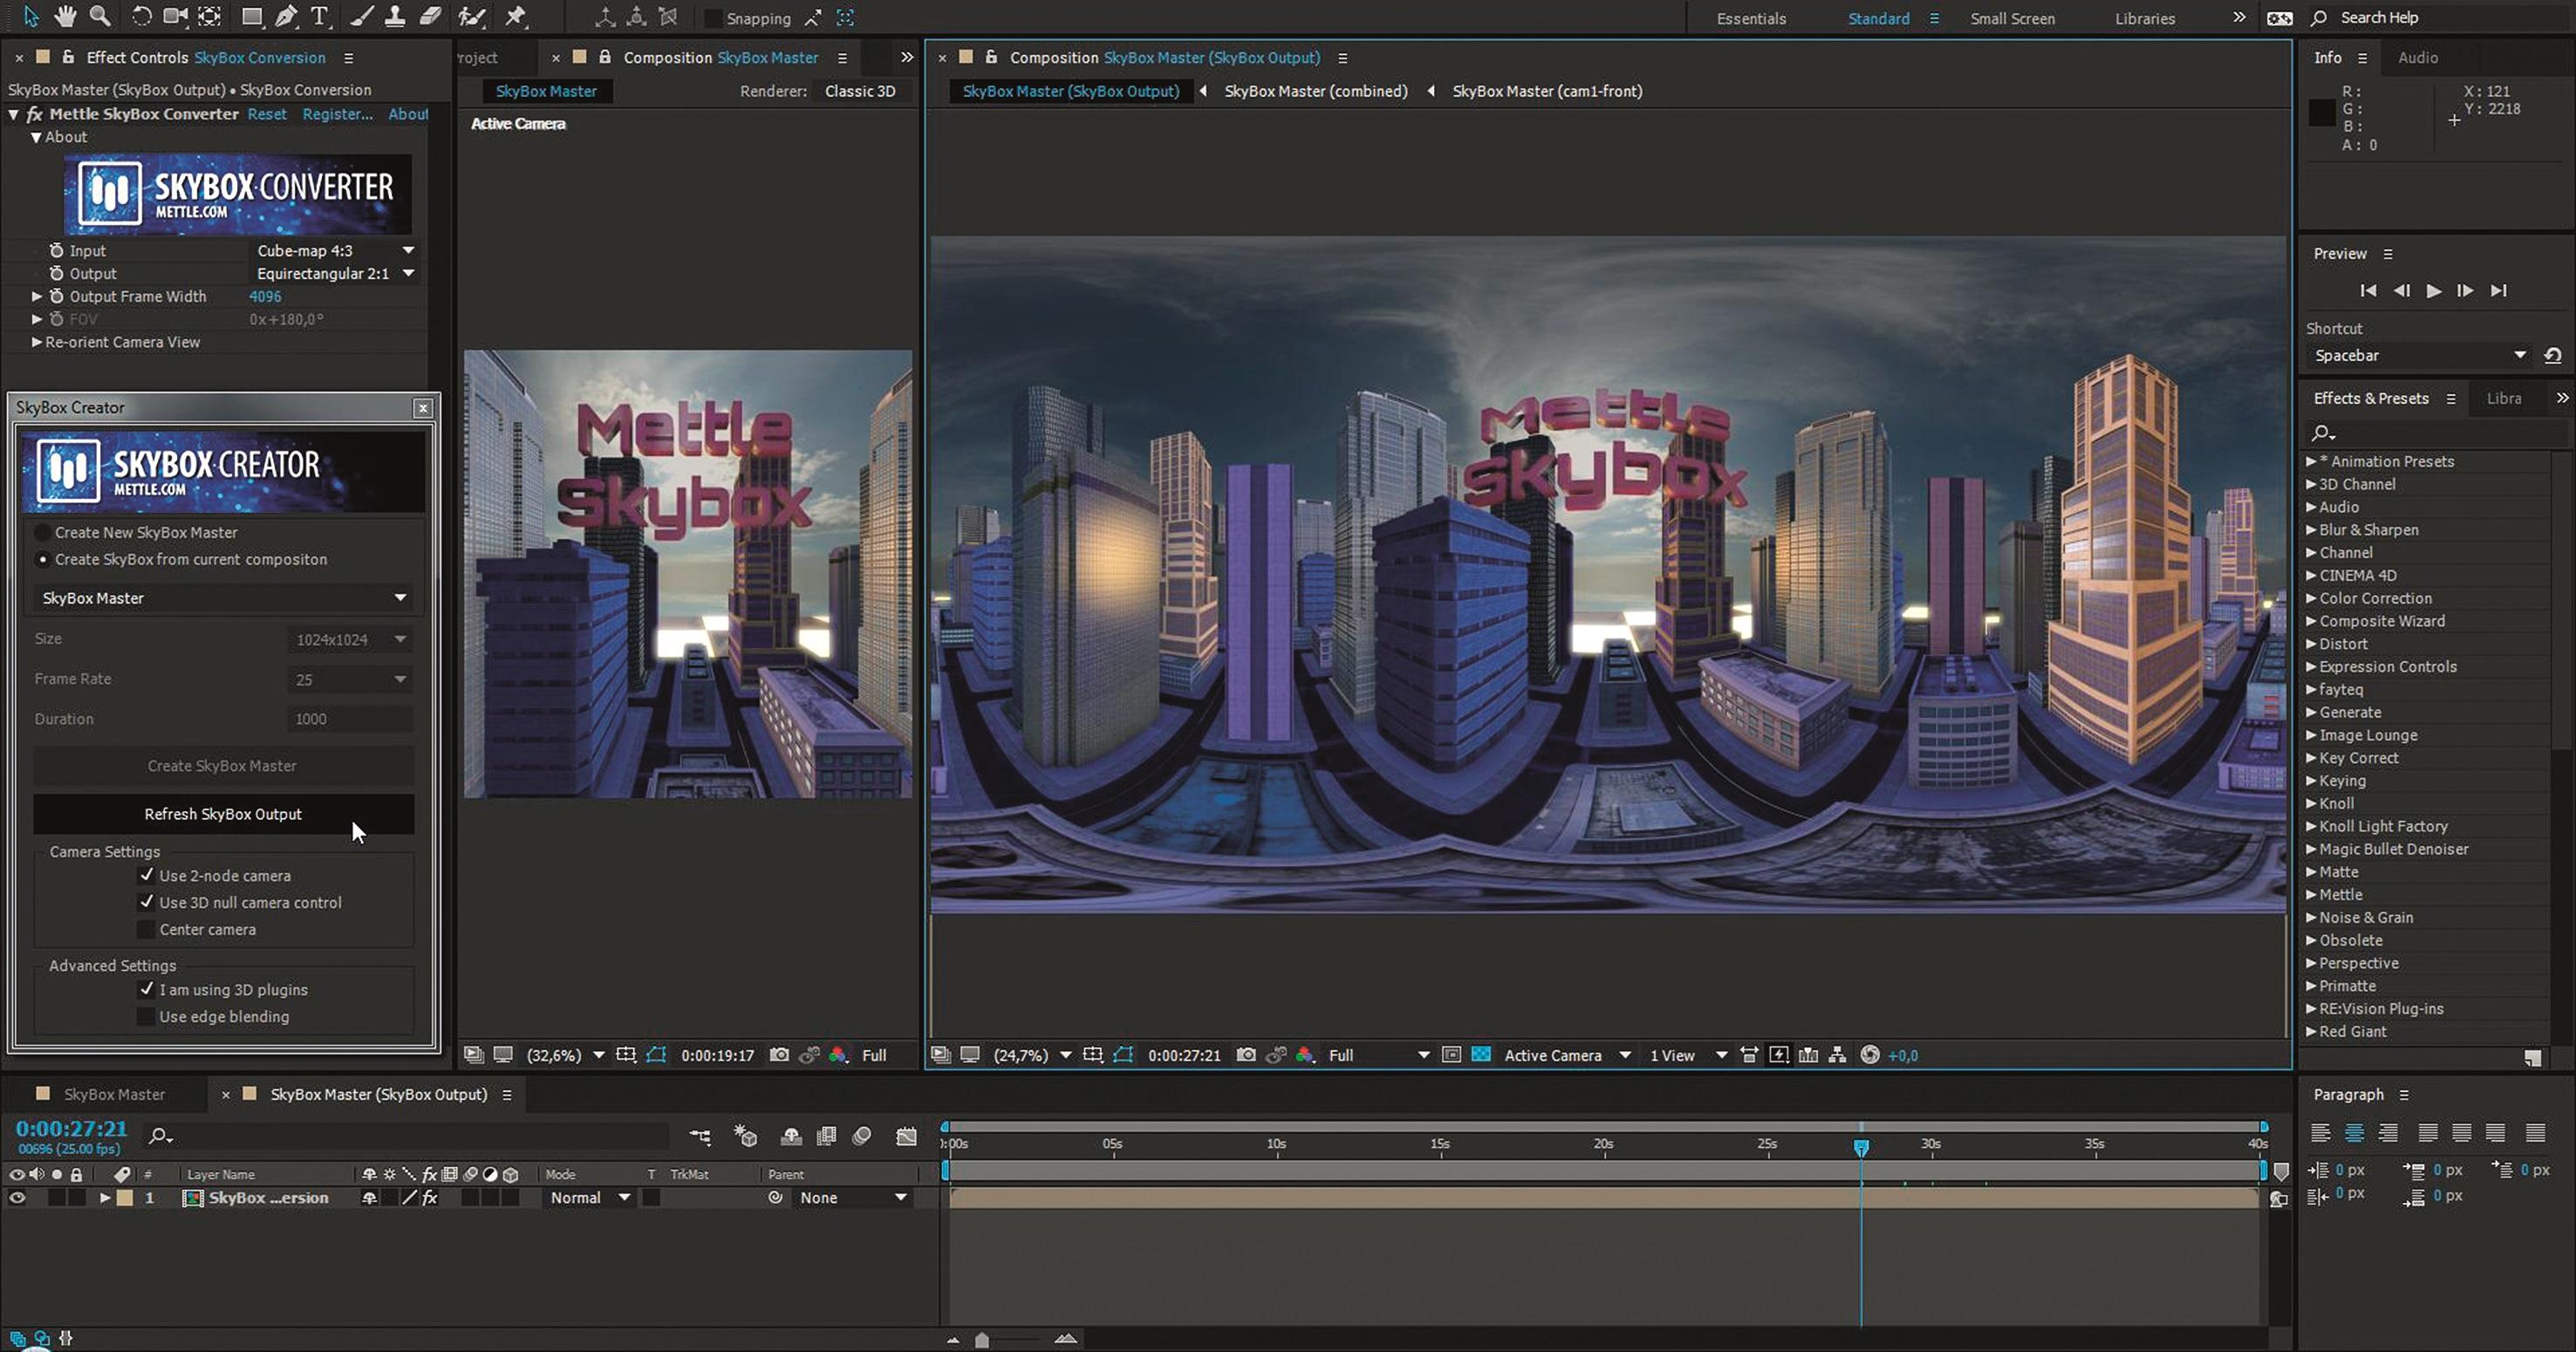 Equrectangular Ausgabe einer Element-3D-Animation